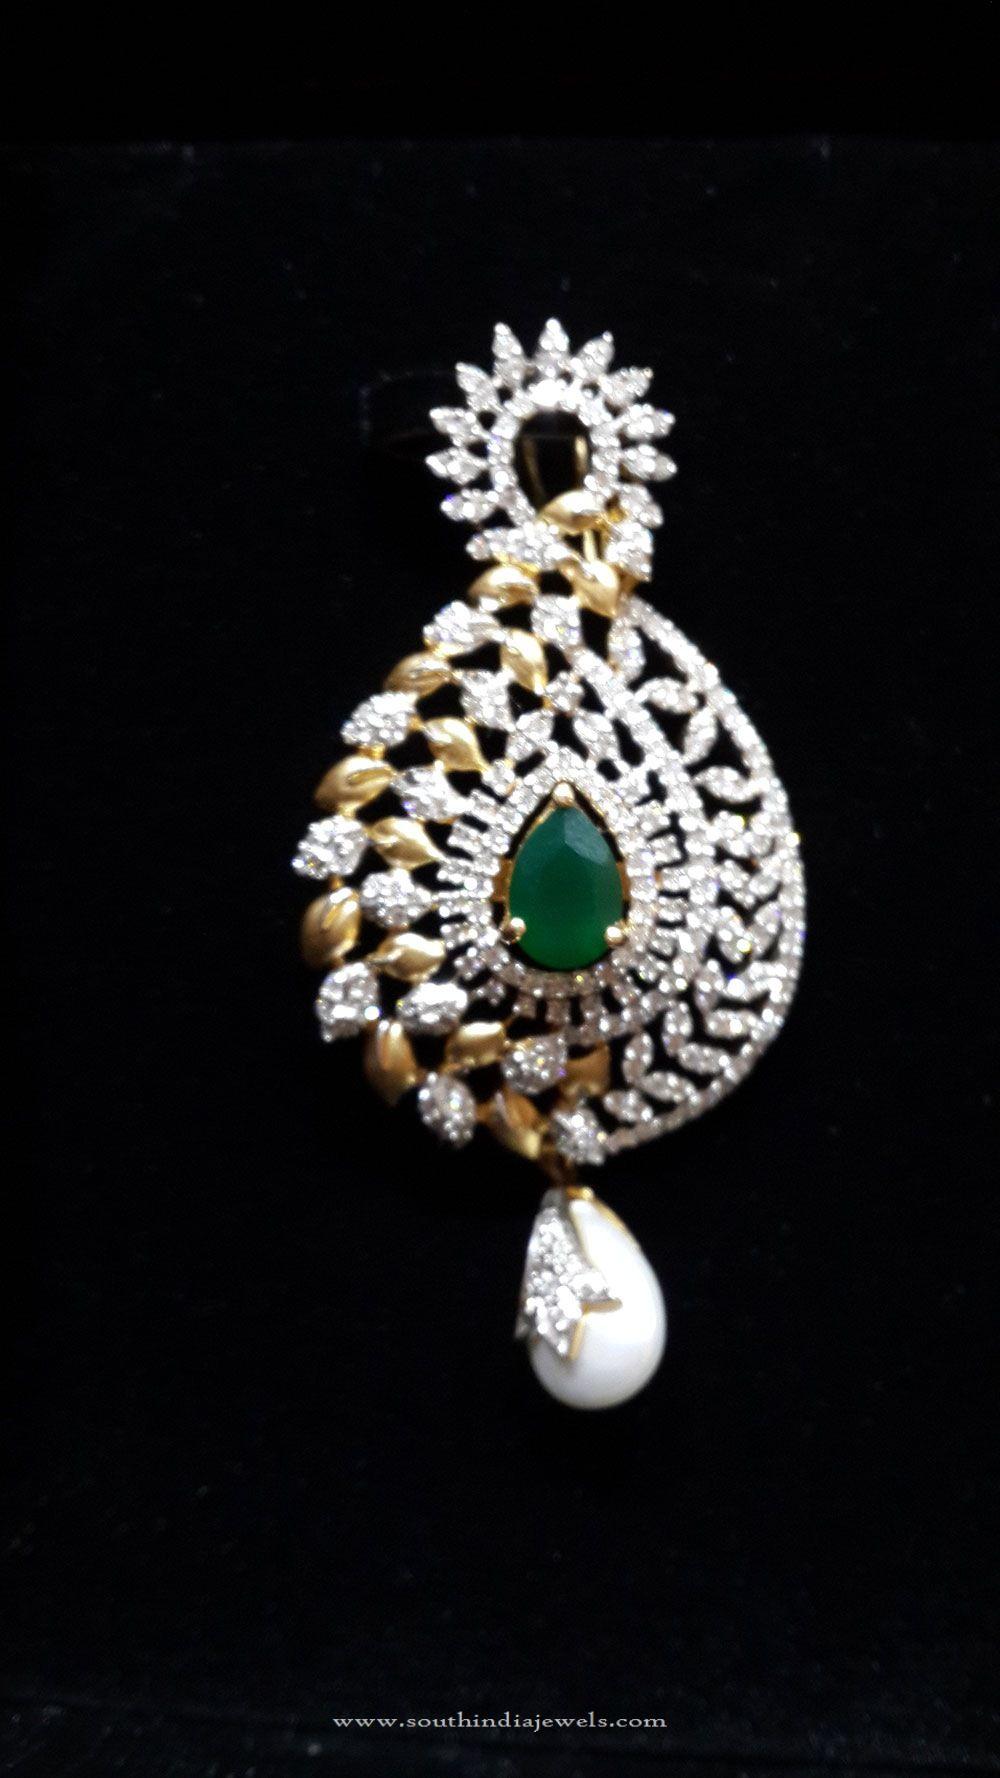 Designer gold diamond pendant diamond pendant gold pendant and designer diamond pendant designs gold diamond pendant collections gold pendants with diamonds audiocablefo